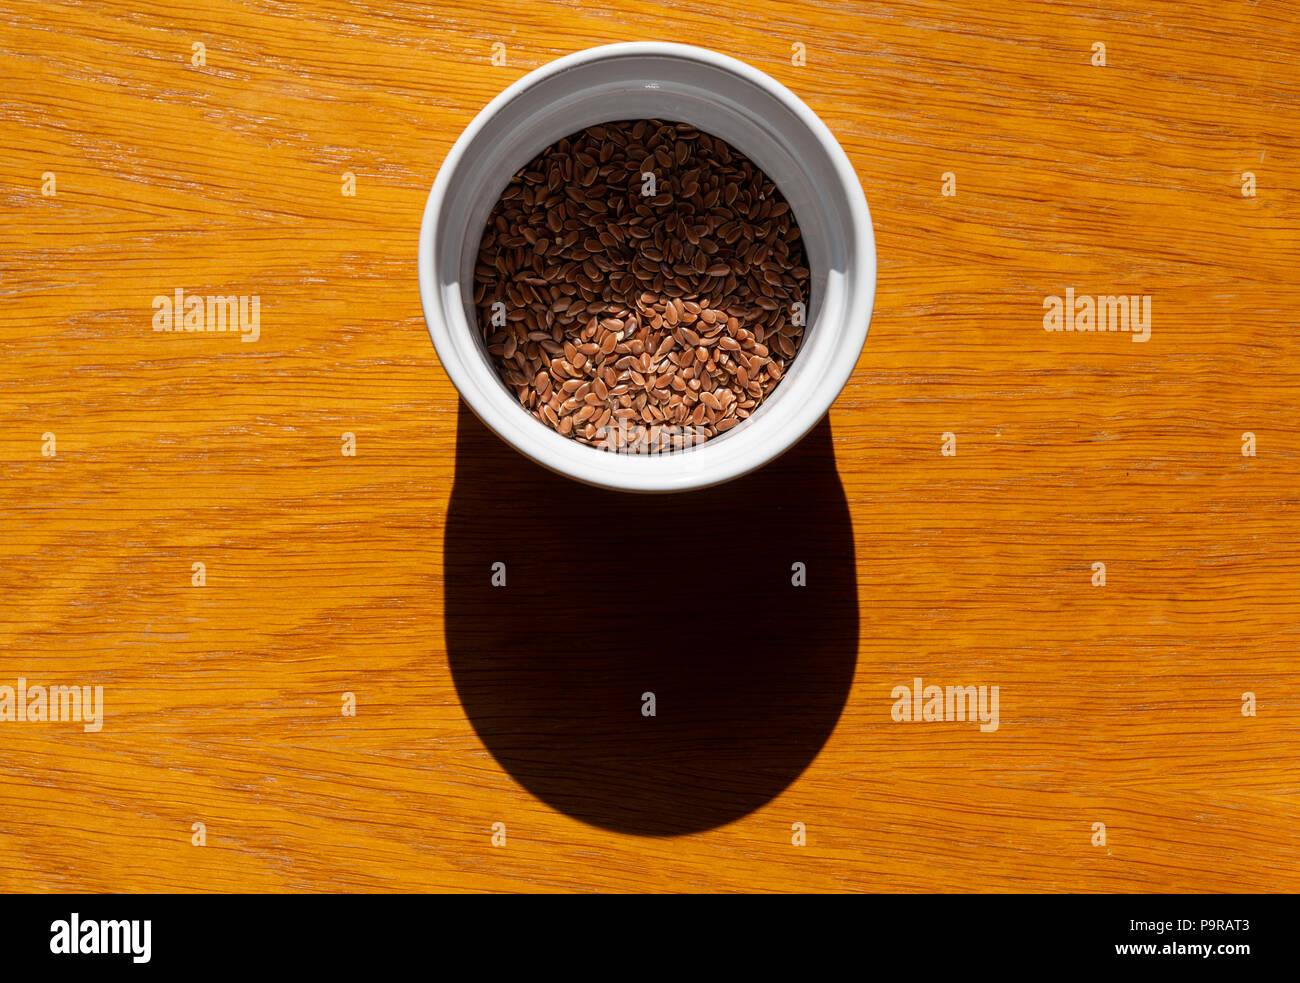 Leinsamen in einer Schüssel serviert, das gesunde Essen Zutat super Essen Stockbild